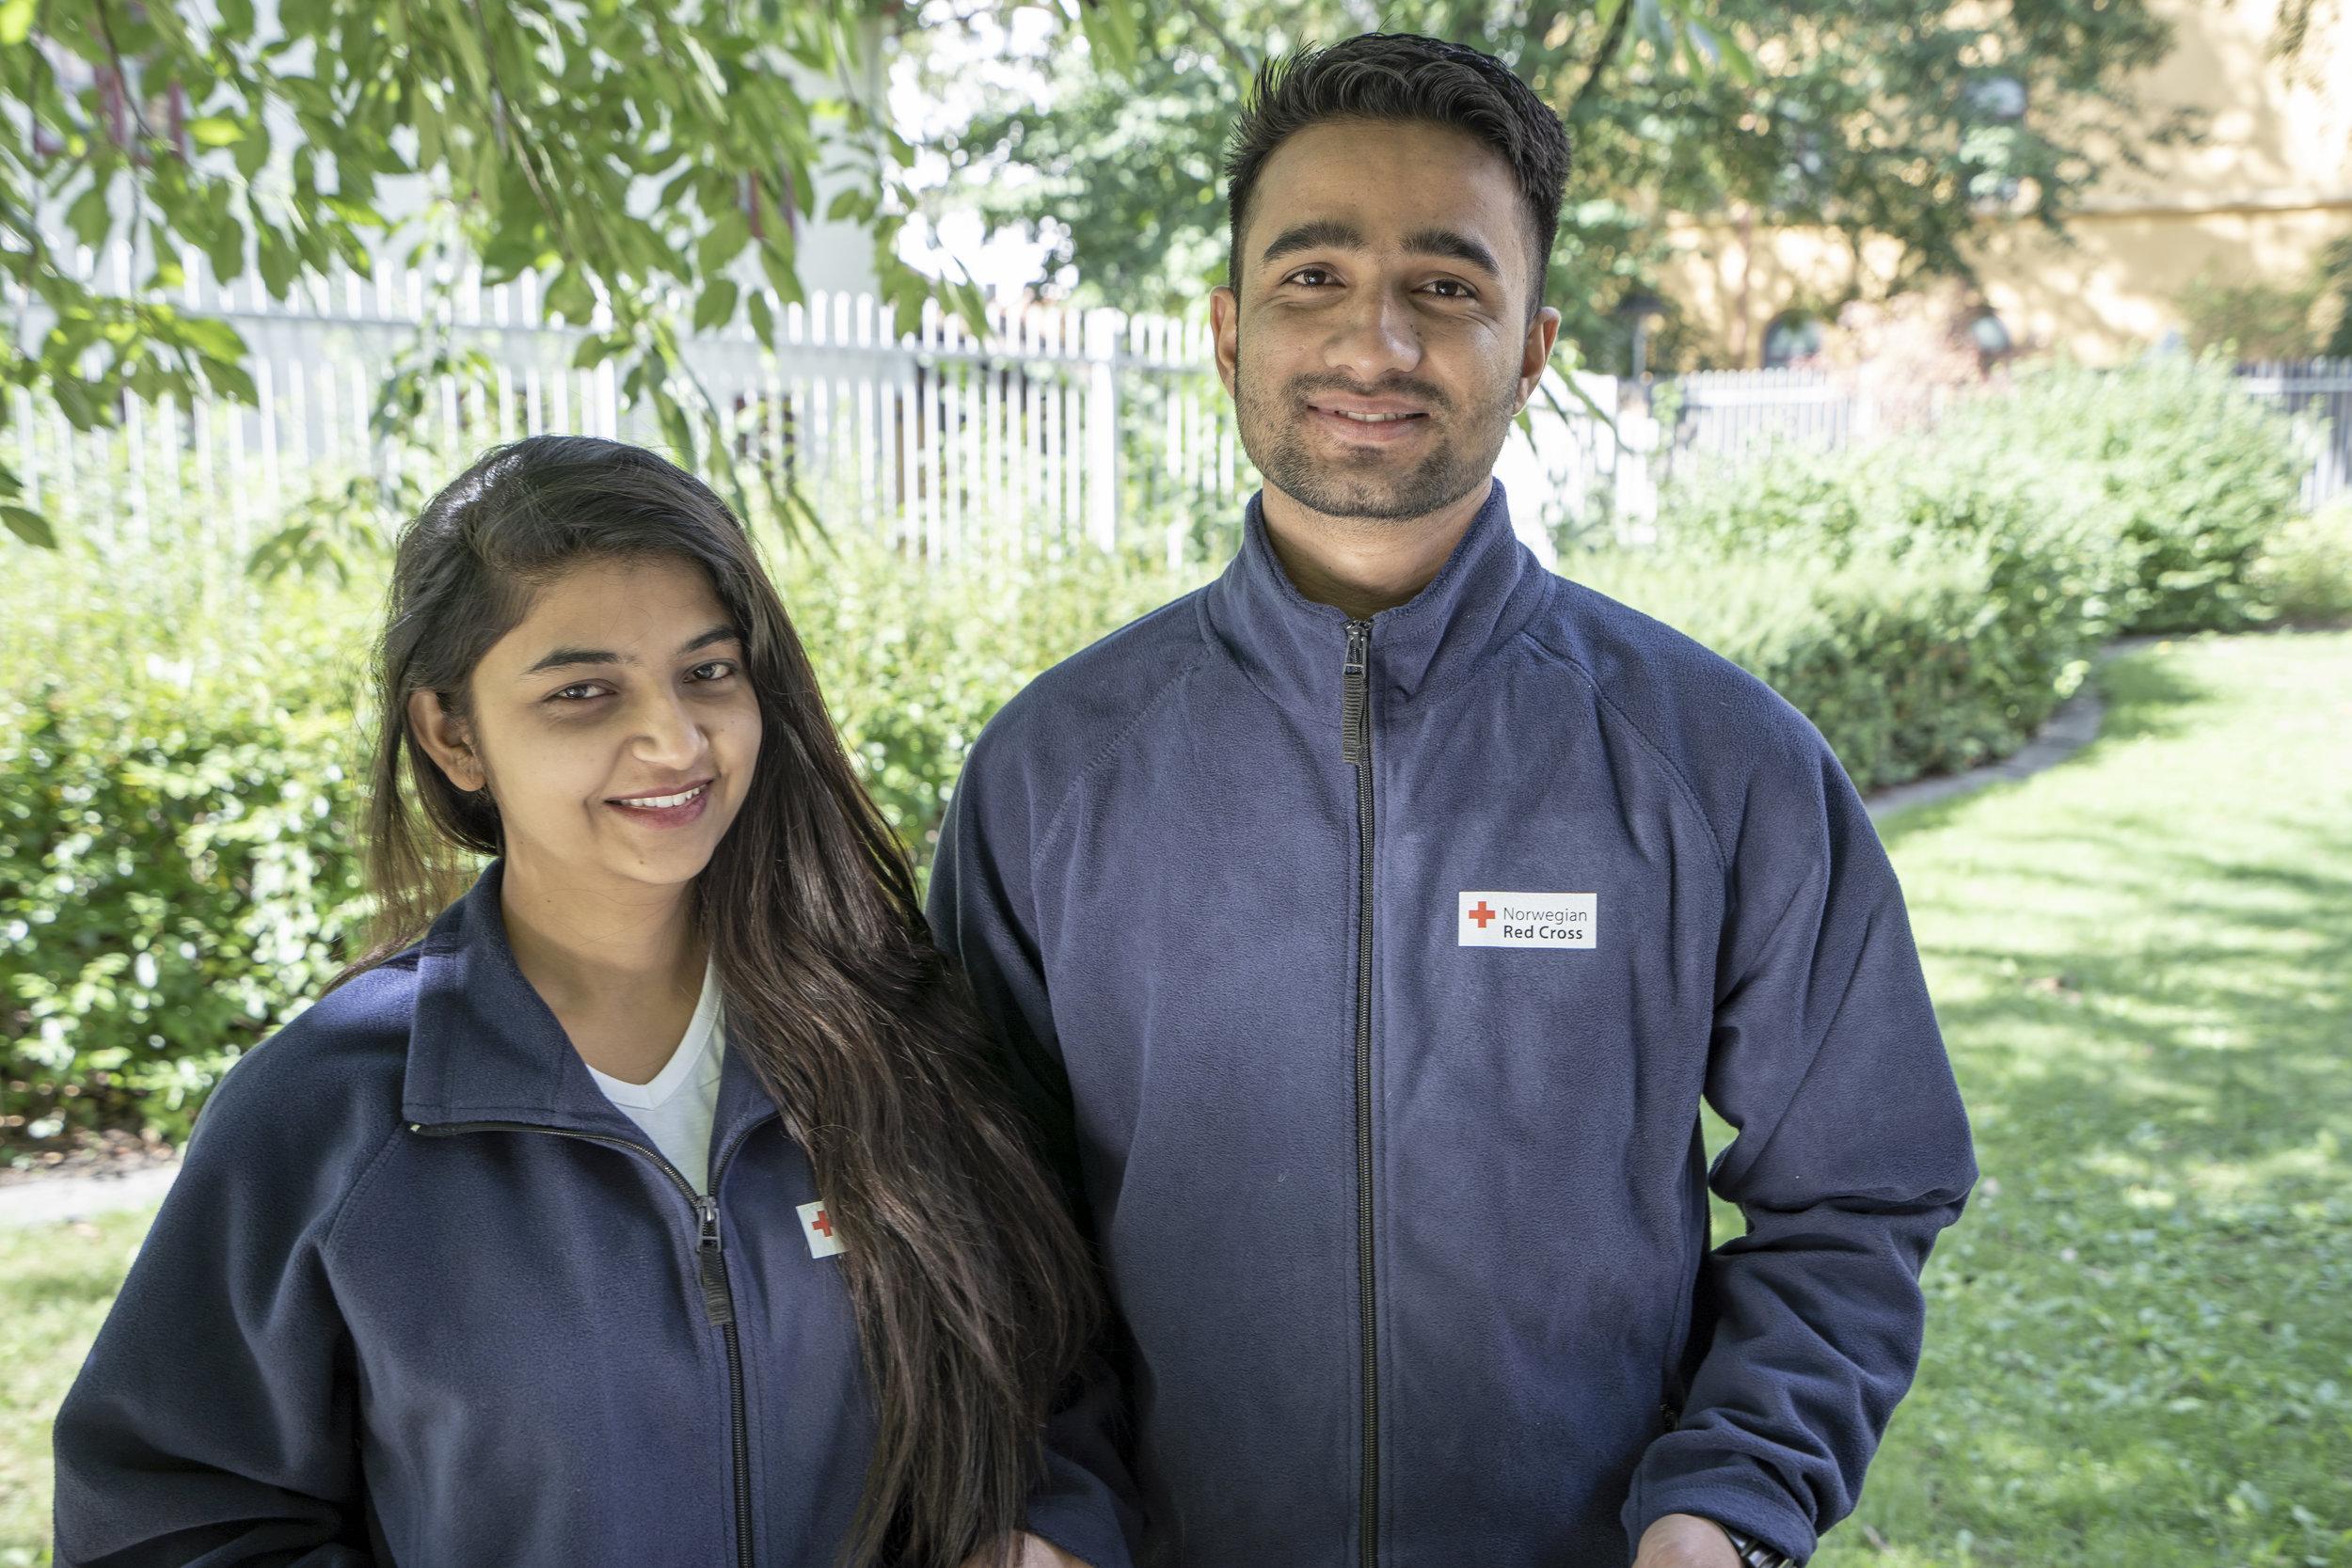 Saseena and Nishan from Nepal to Baerum